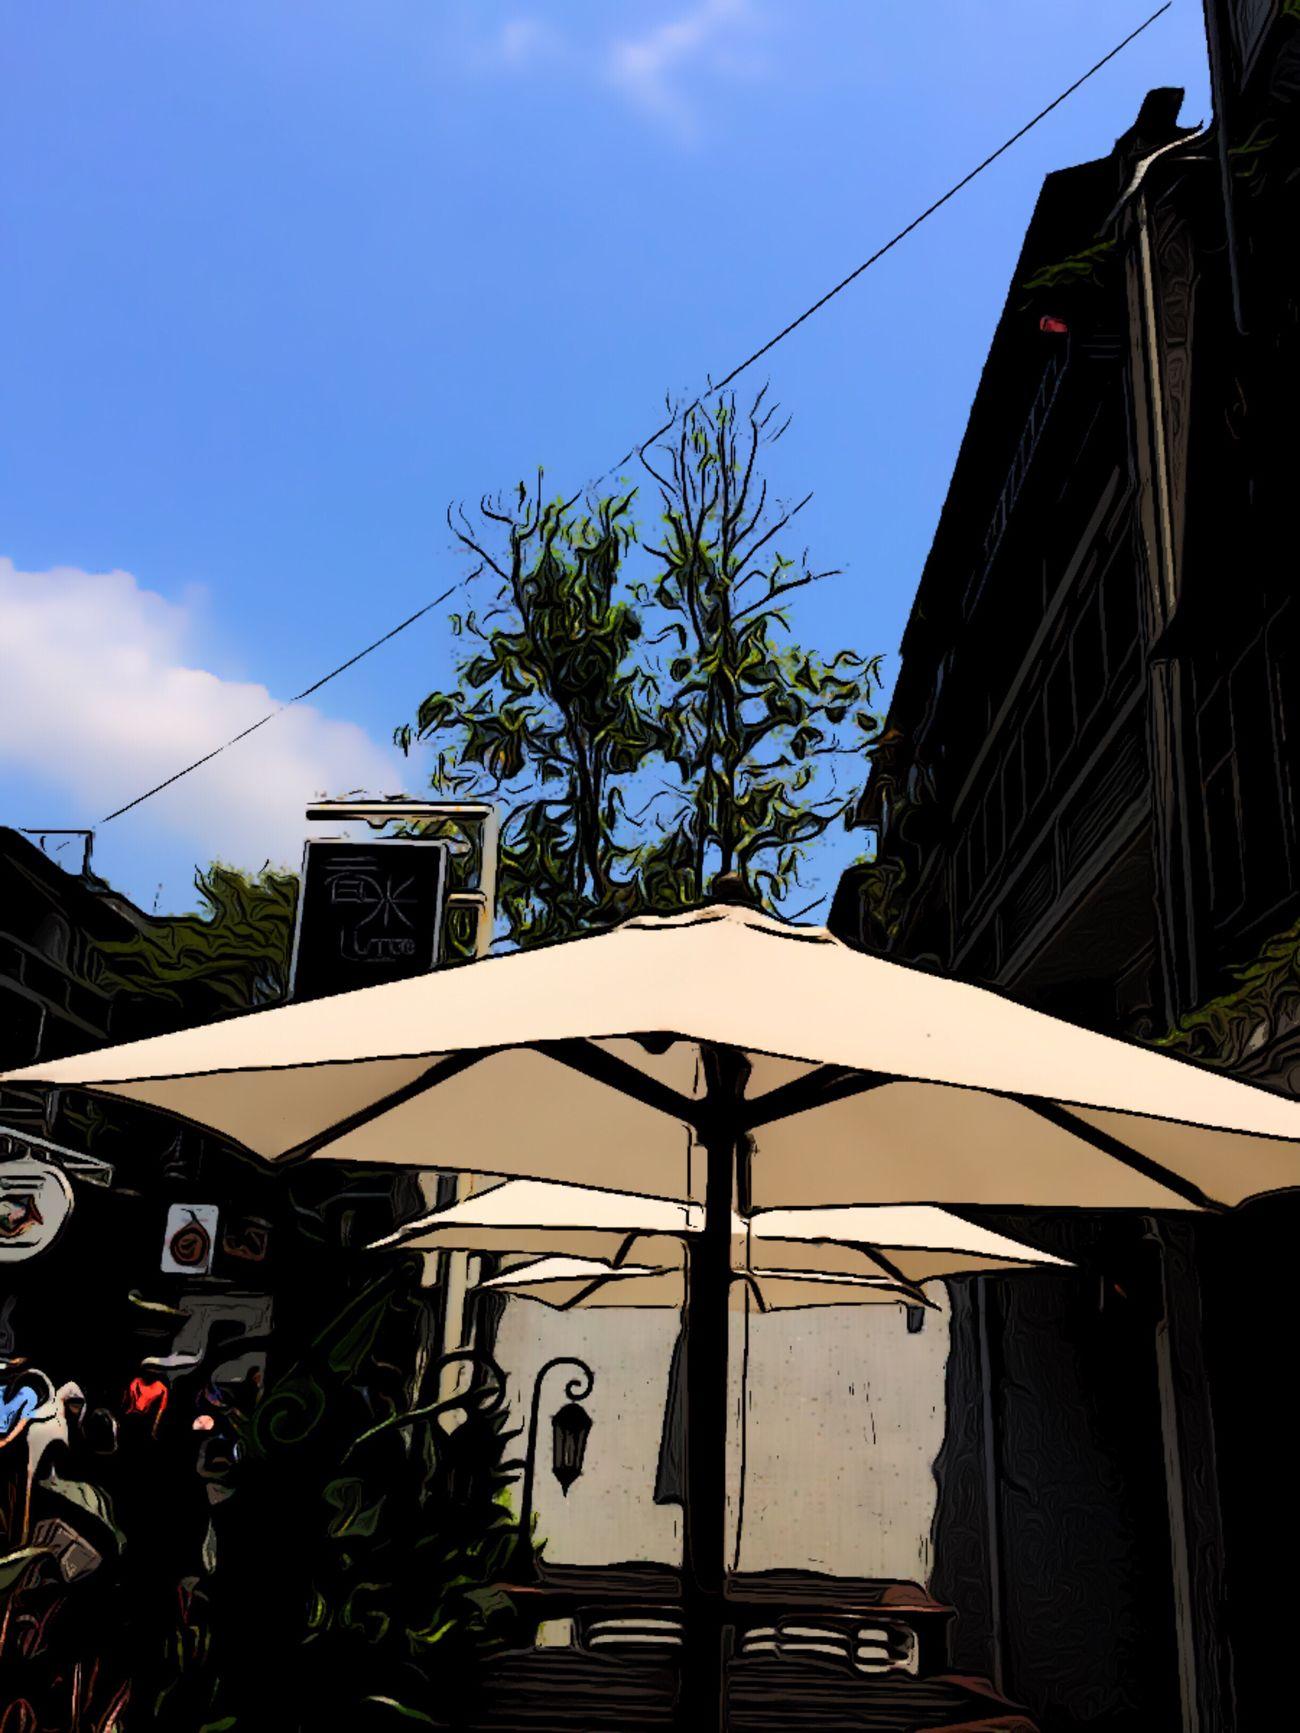 餐廳外的一角。今天母親節有著很熱的溫度。與MacieOutside the corner of the restaurant. Mother's Day today has a very hot temperature. With Macie